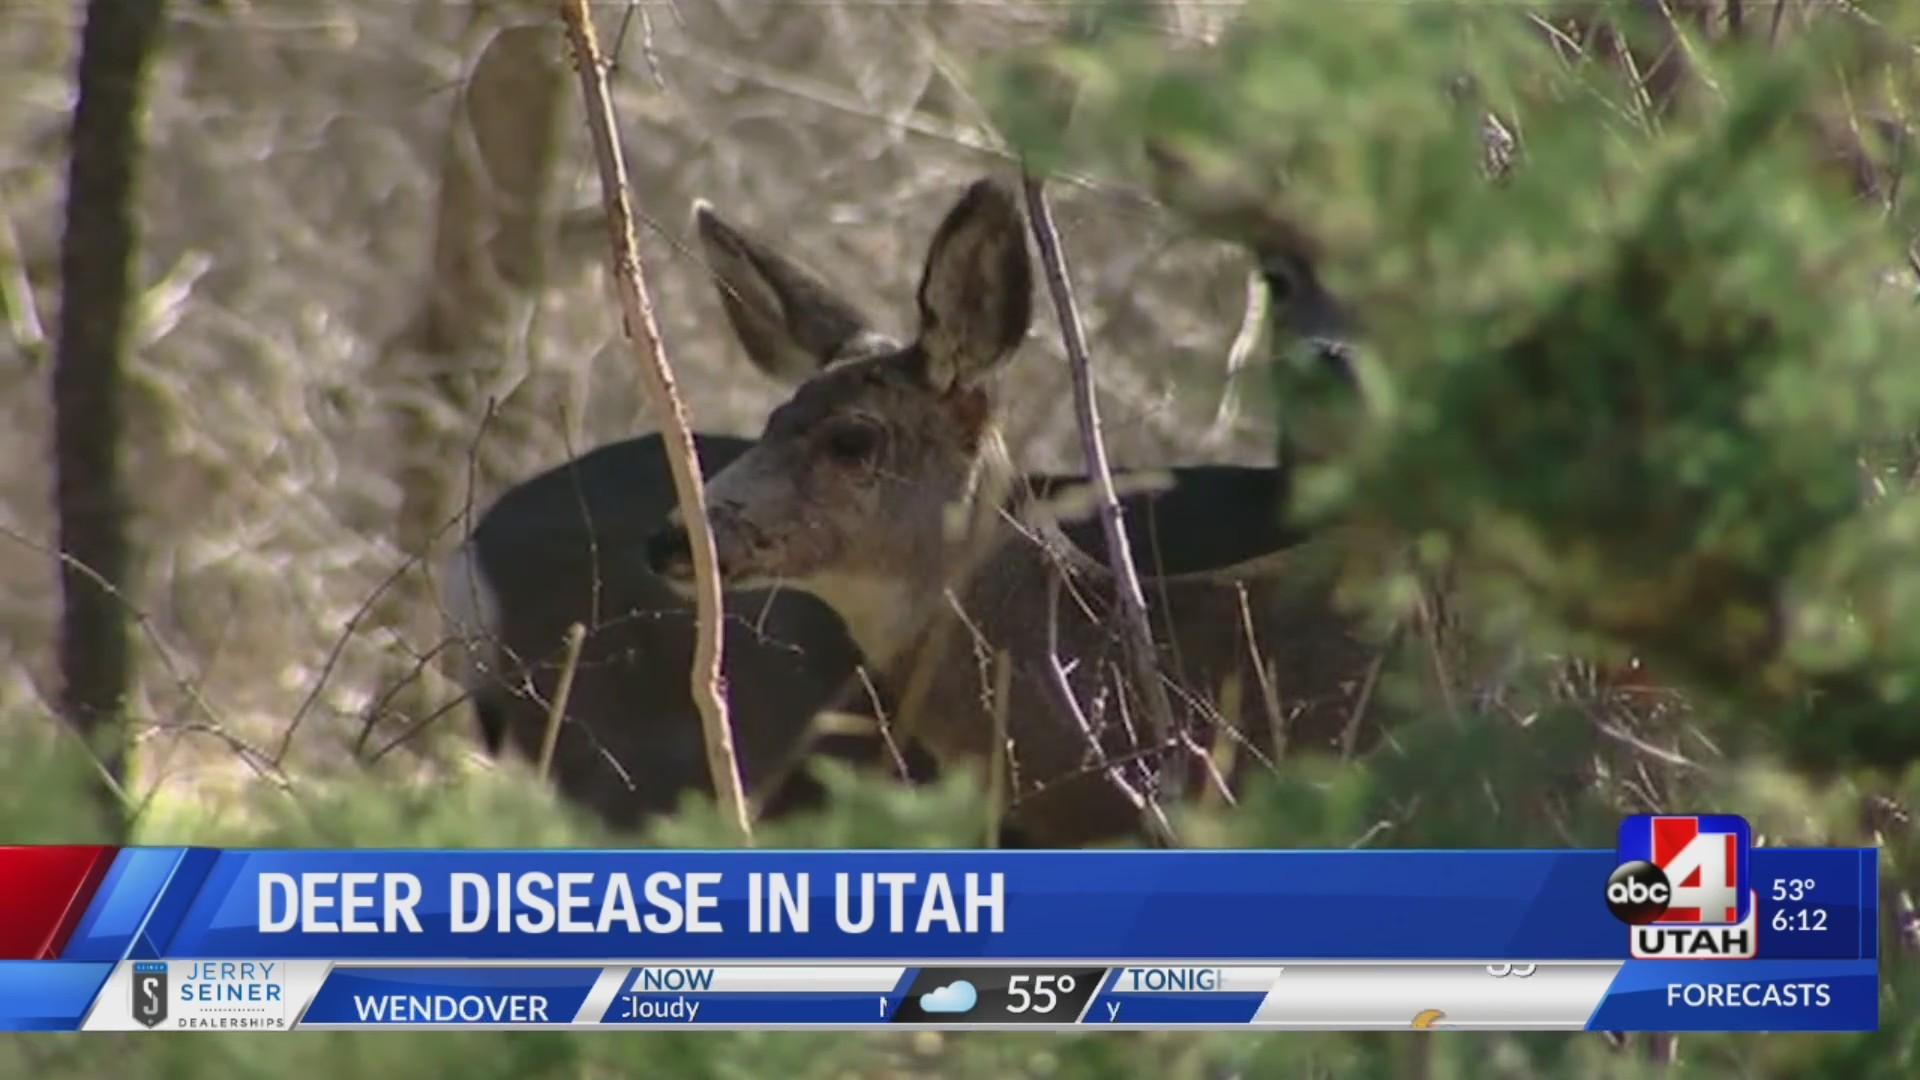 Zombie deer diseases